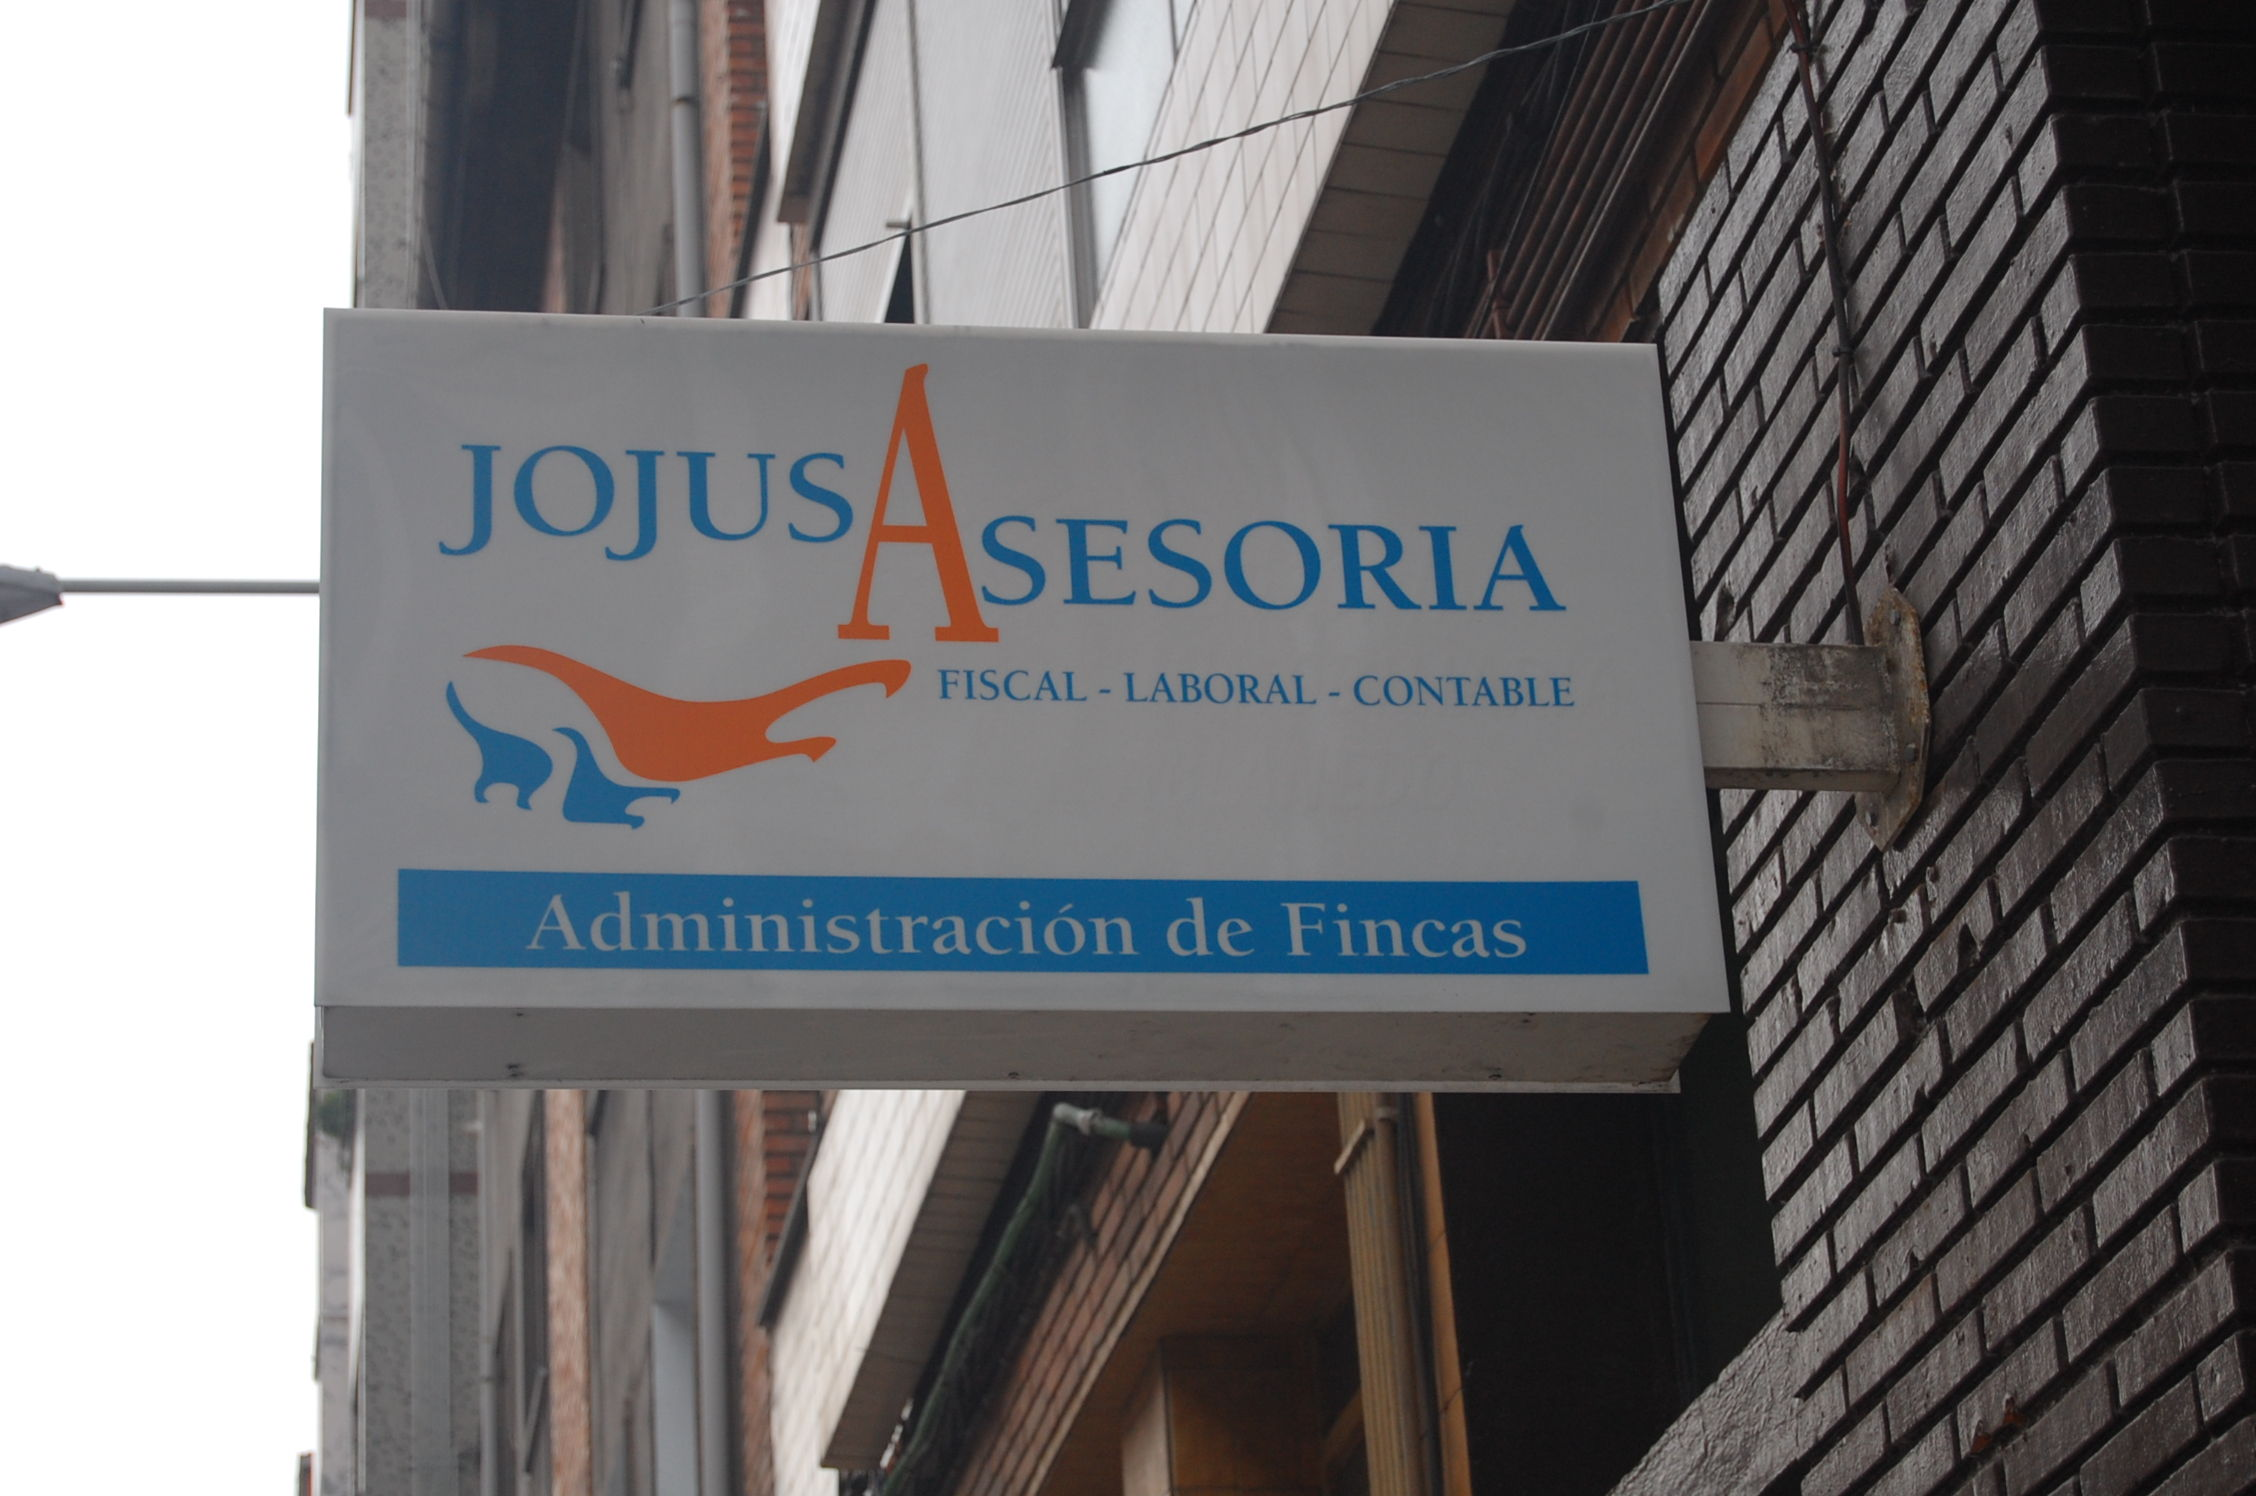 Foto 11 de Administración de fincas en Gijón | Jojusa Administraciones